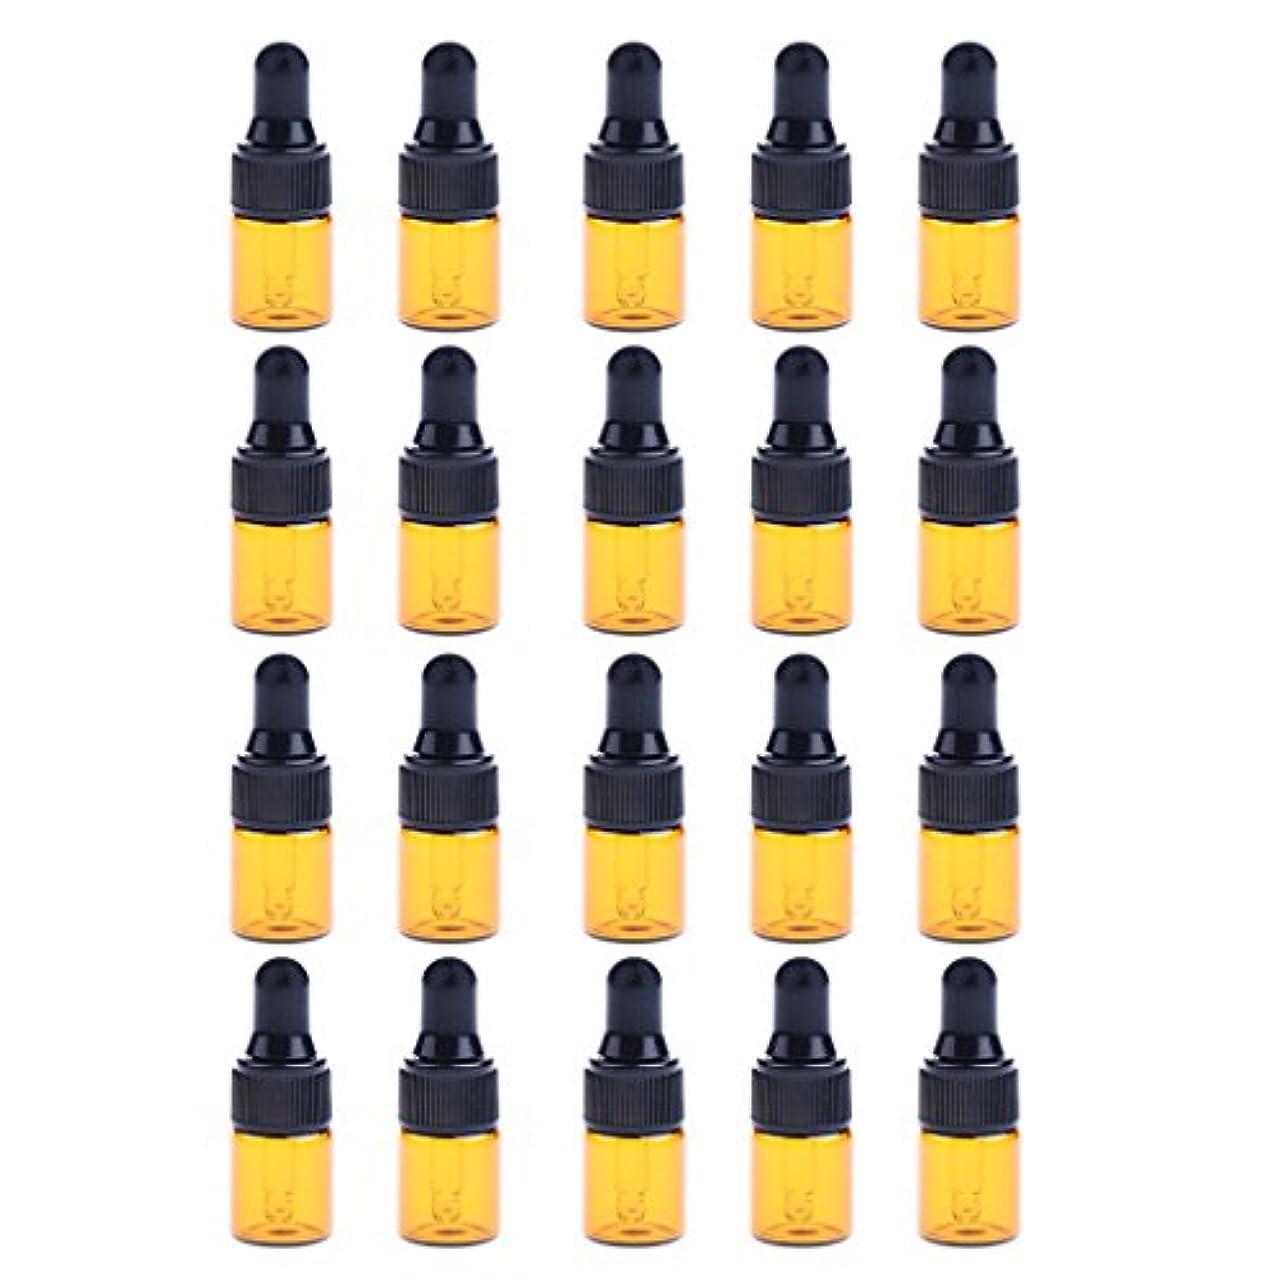 六イサカ脅威IPOTCH 約20個 ドロッパーボトル エッセンシャルオイル ミニサイズ 詰め替え可 ガラス スポイトボトル 3サイズ選べる - 1ML